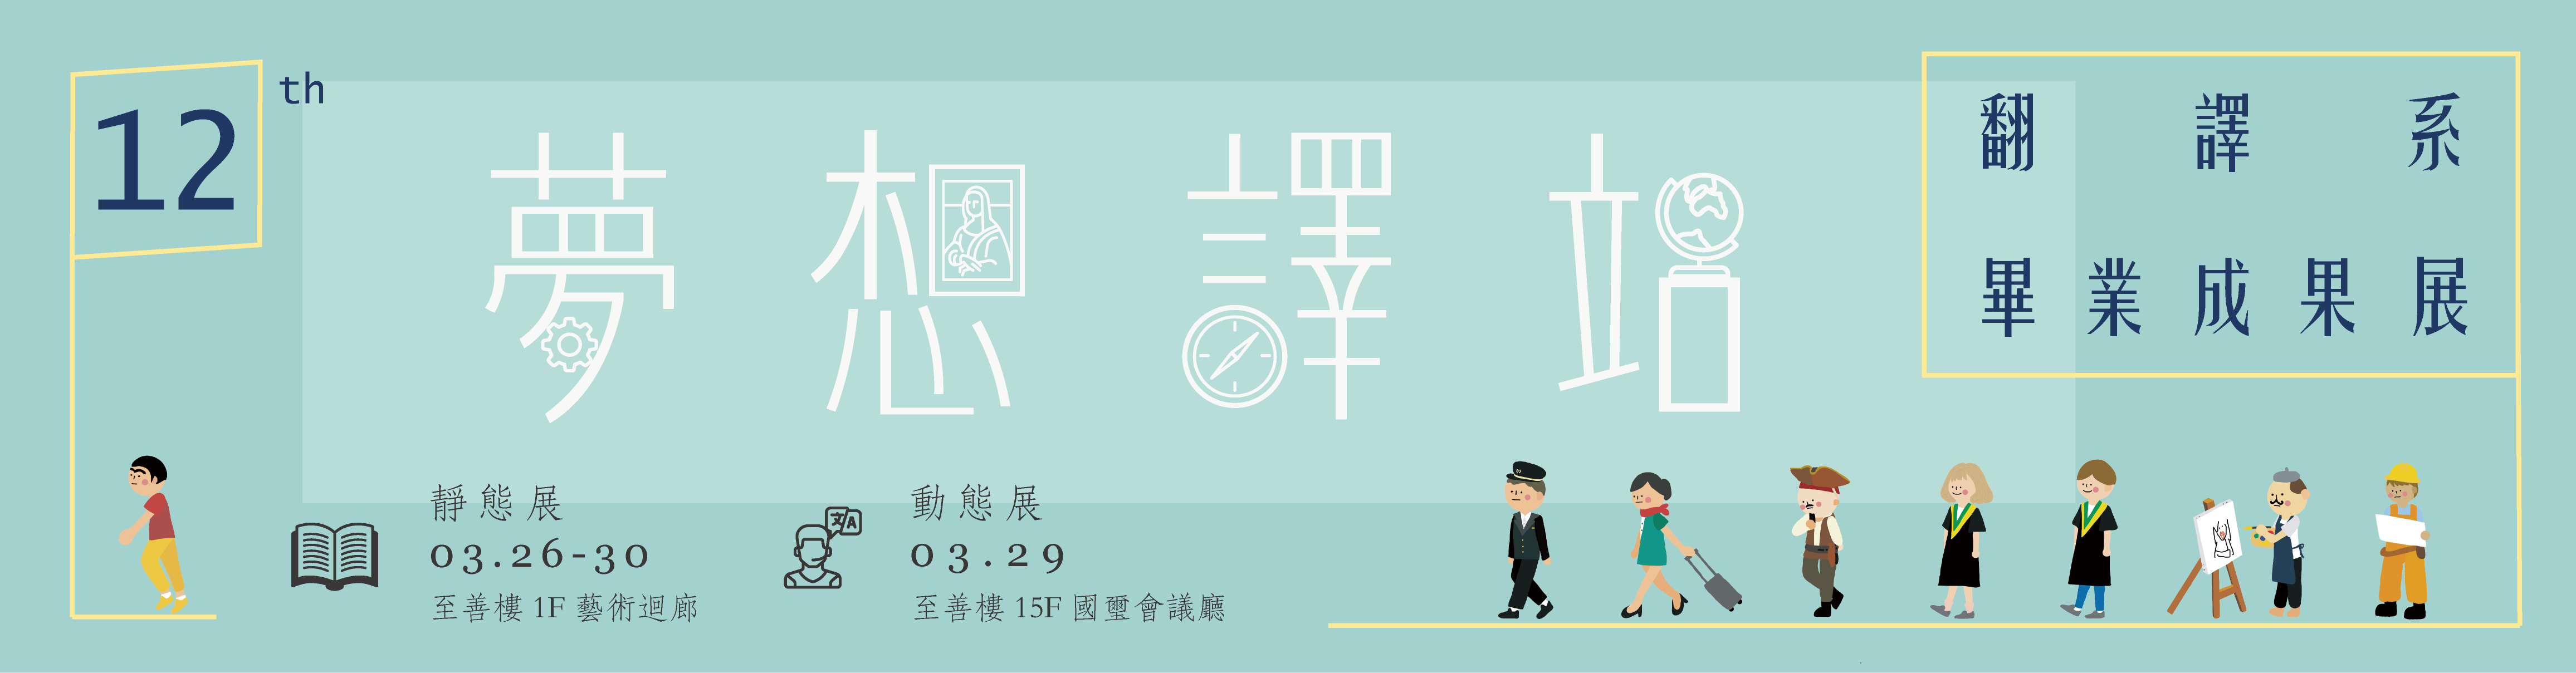 夢想譯站-翻譯系畢業成果展